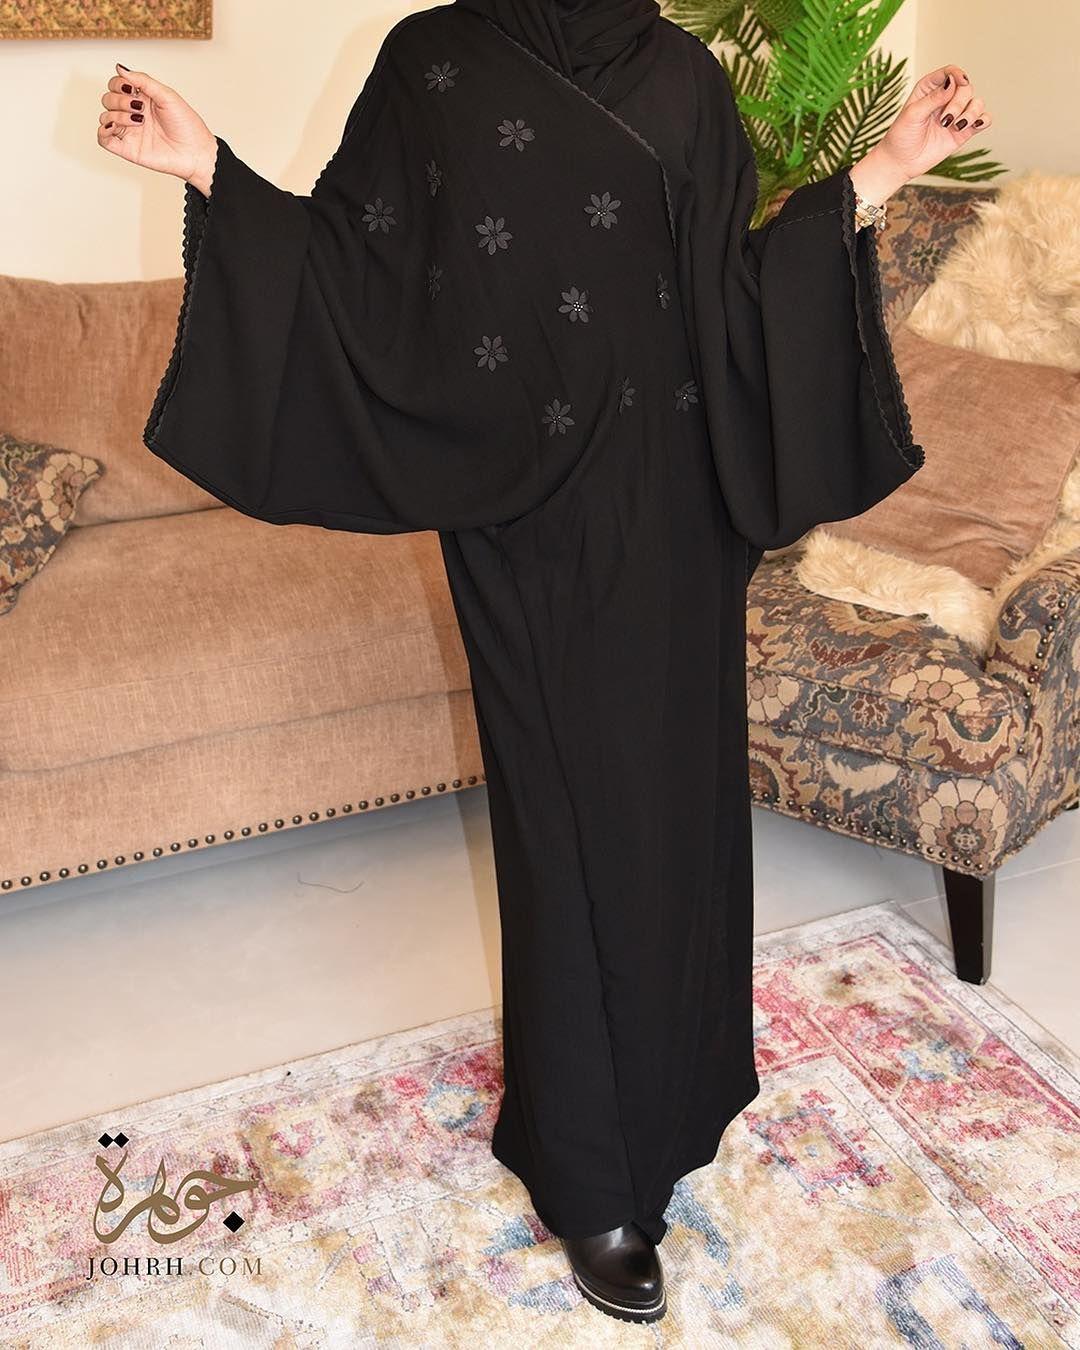 عباية تجمع بين ميزتي الراحة والأنوثة بقصة إماراتية واسعة ومريحة والمزينة بلمسة الورود المرصع بالكرستال ليضفي إليها أنوثة ب In 2020 Abayas Fashion Abaya Fashion Fashion